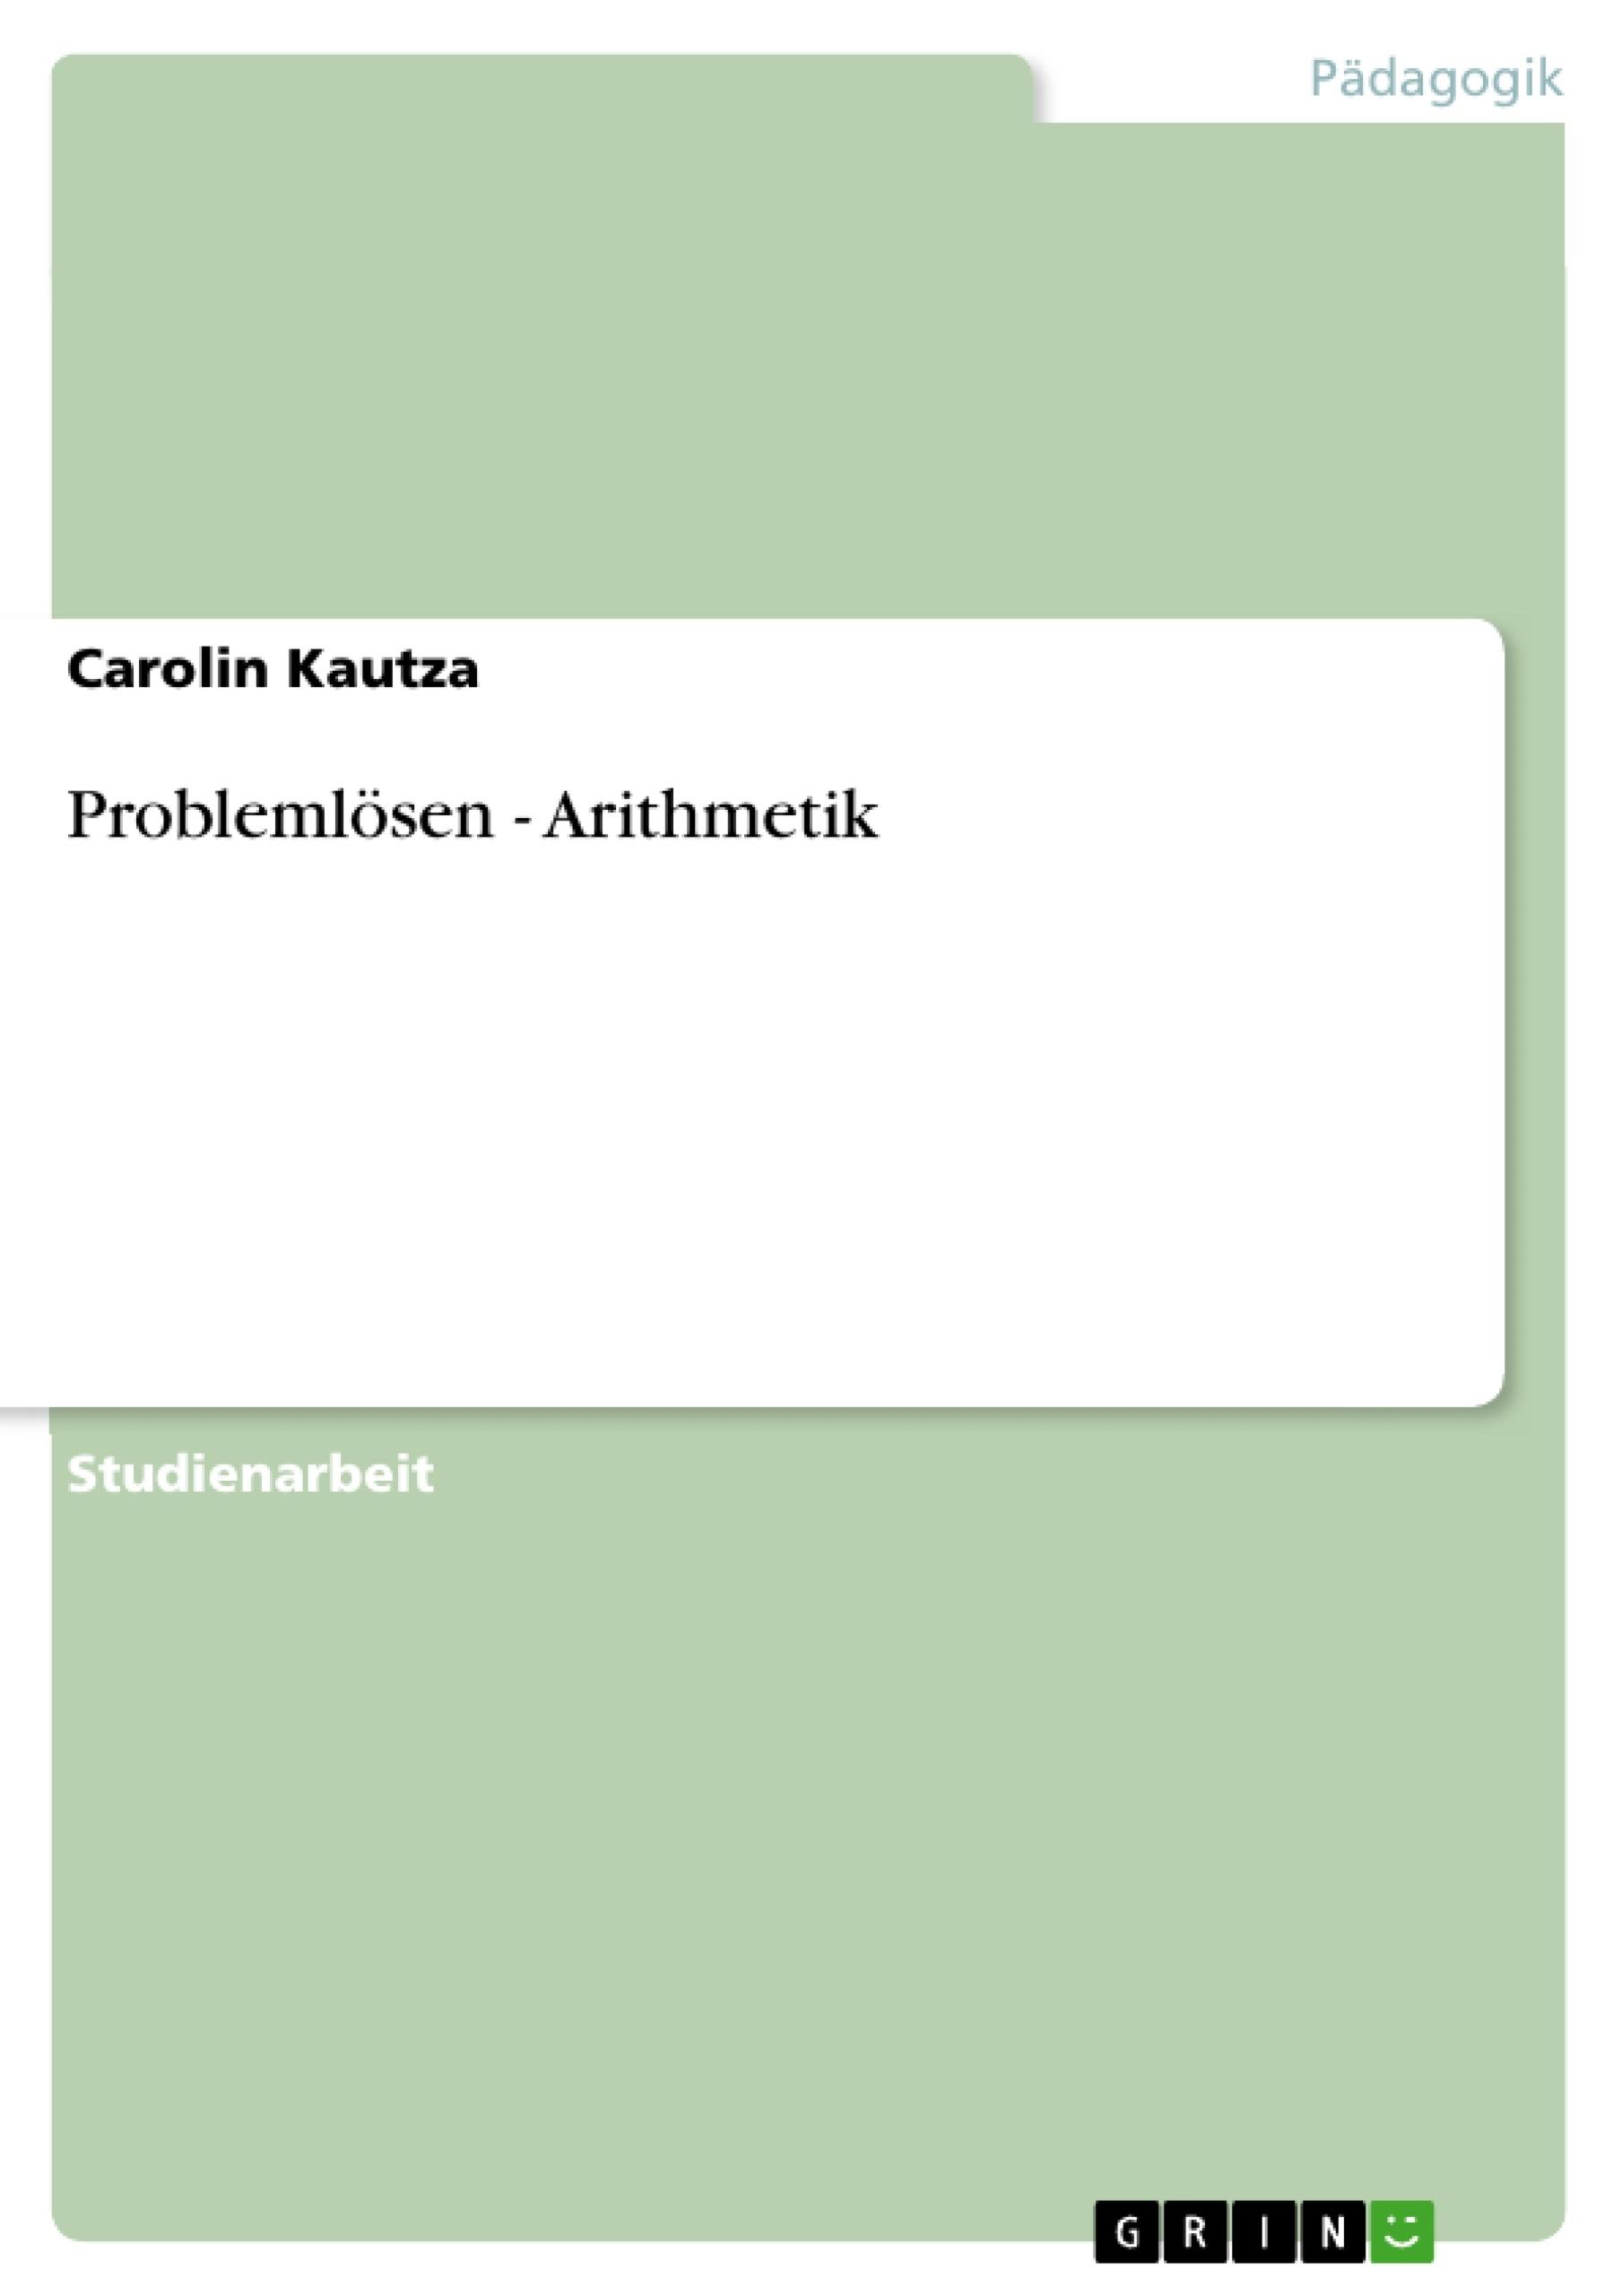 Titel: Problemlösen - Arithmetik